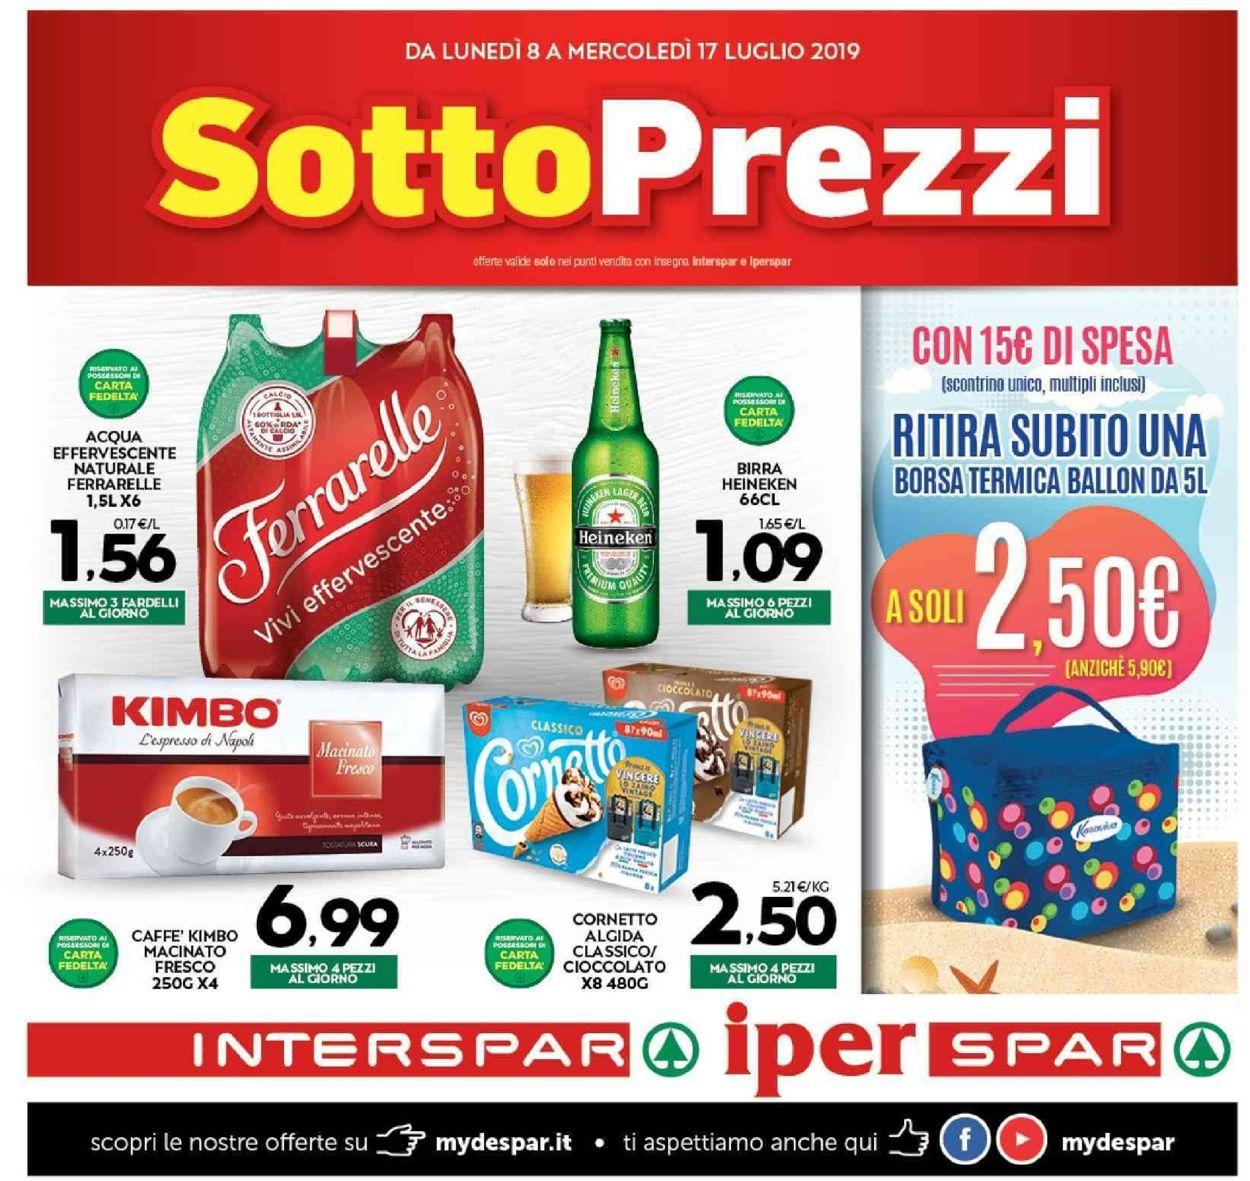 Volantino Interspar - Offerte 08/07-17/07/2019